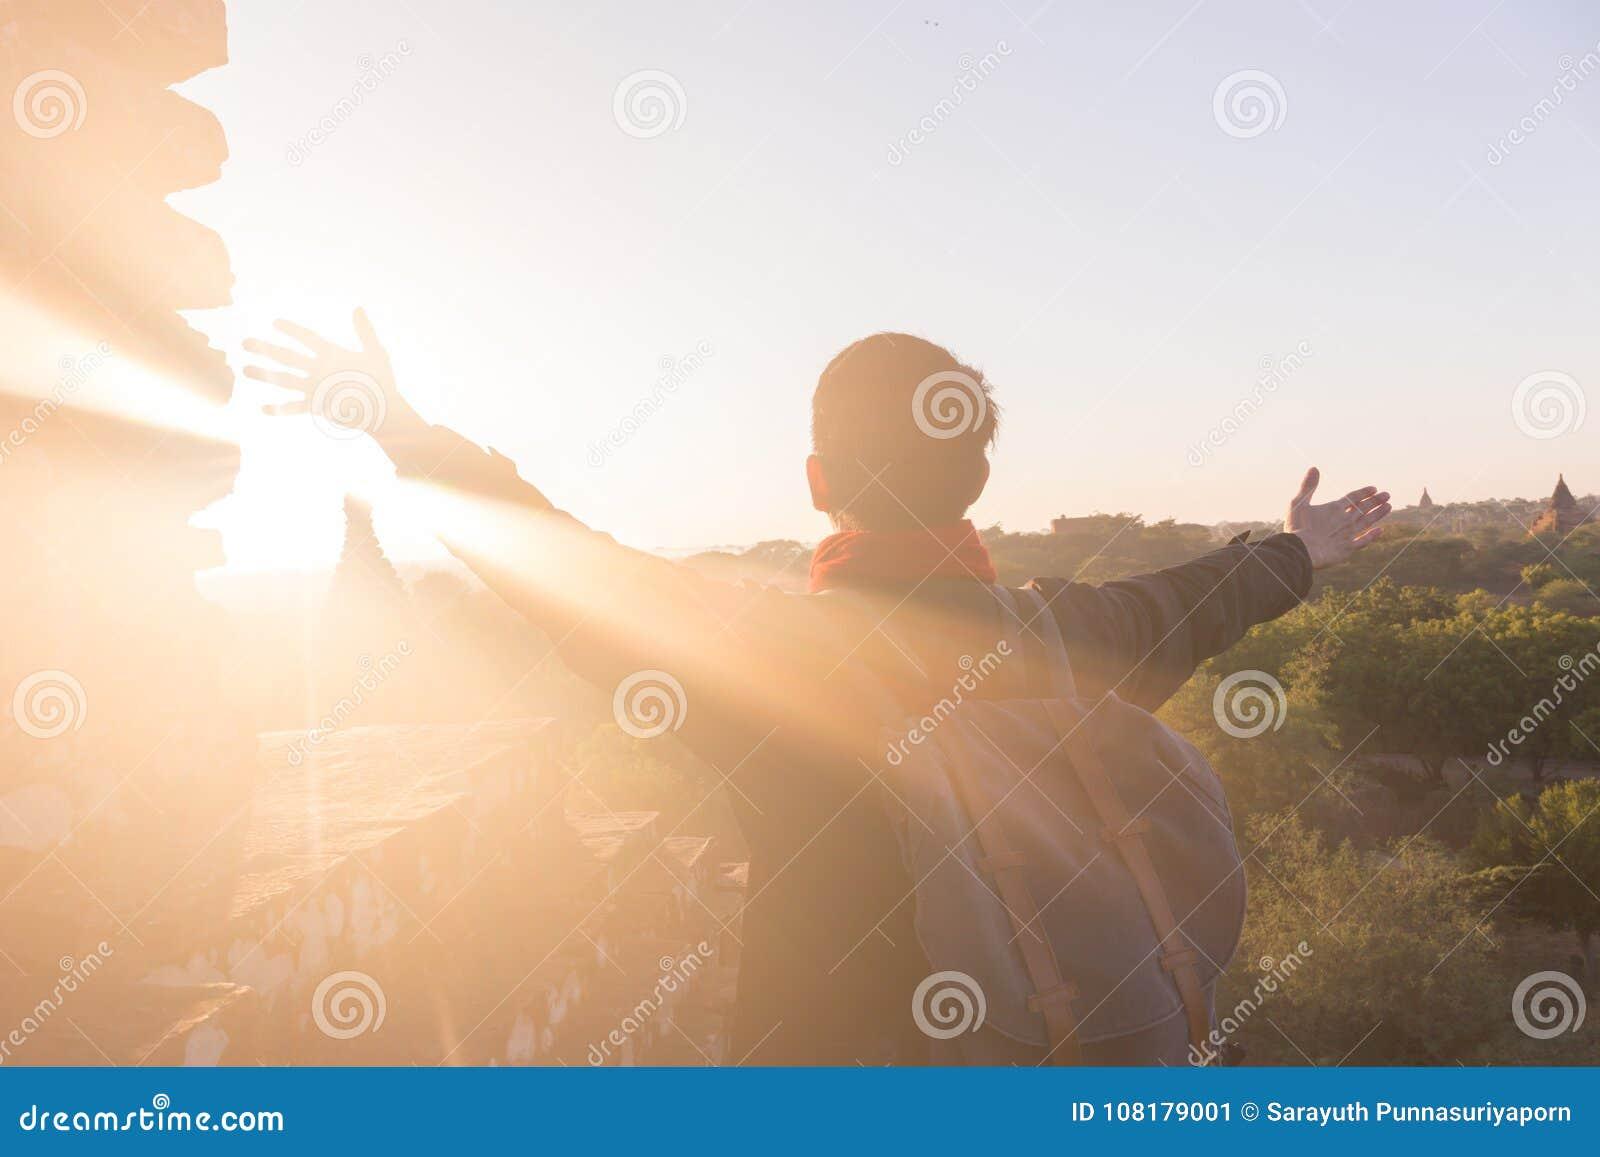 Jonge mens die handen opheffen omhoog tegen zonlicht - vermelde succes, voltooiing en overwinning